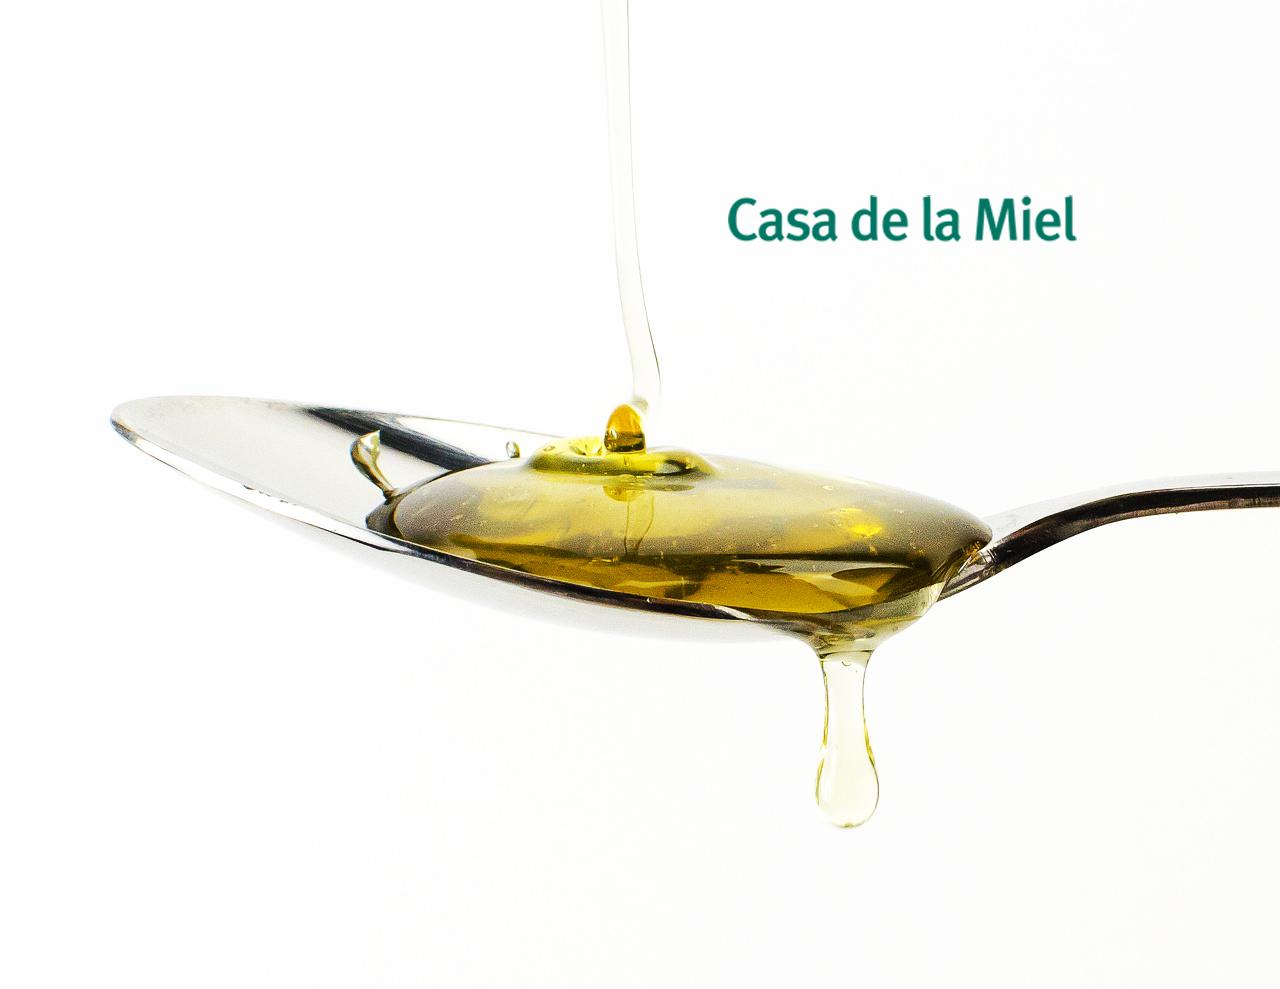 Curso de Iniciación al conocimiento y a la cata de Mieles (nivel I). Casa de La Miel. Tenerife